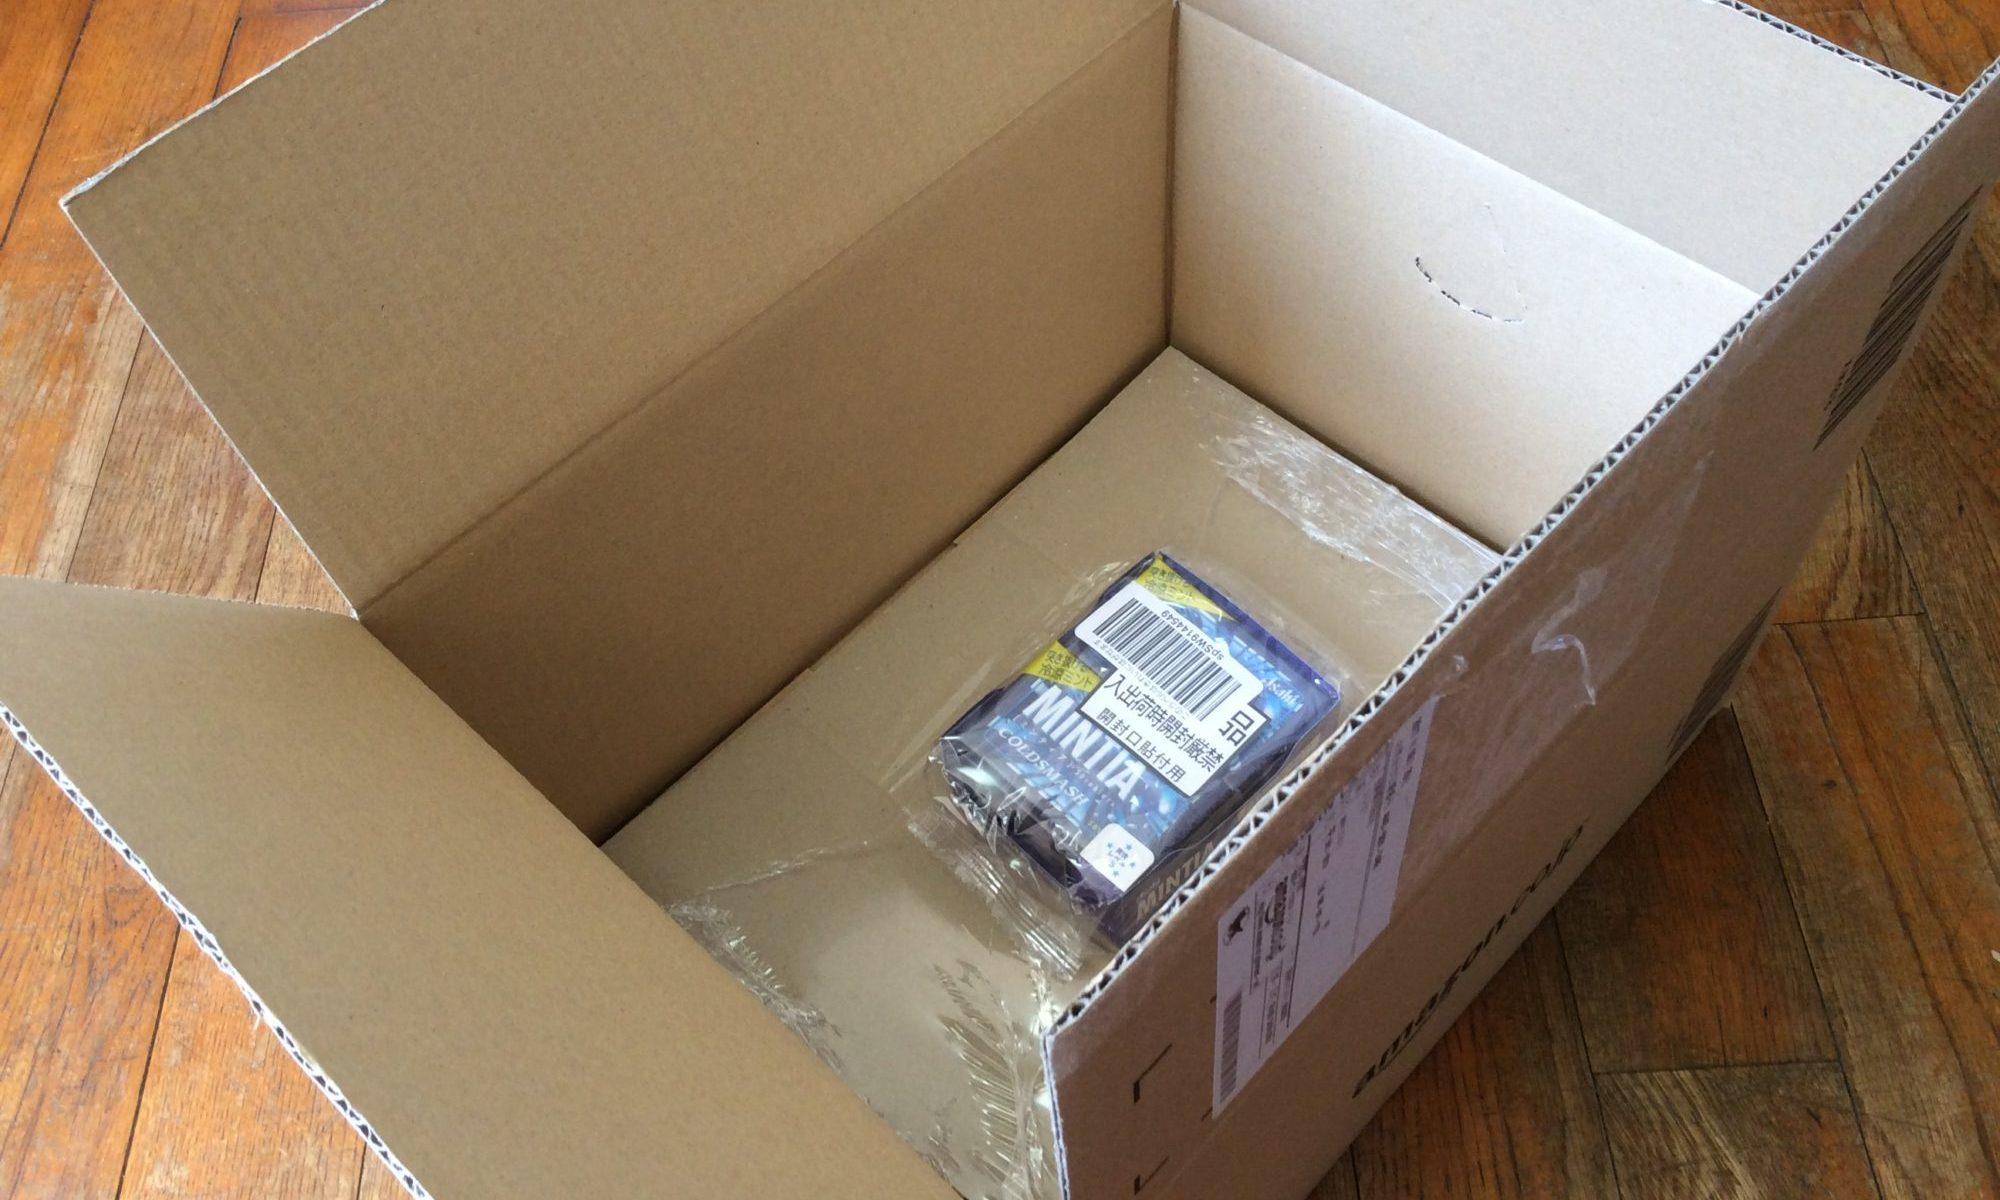 Amazonから届いた空気の詰まった箱